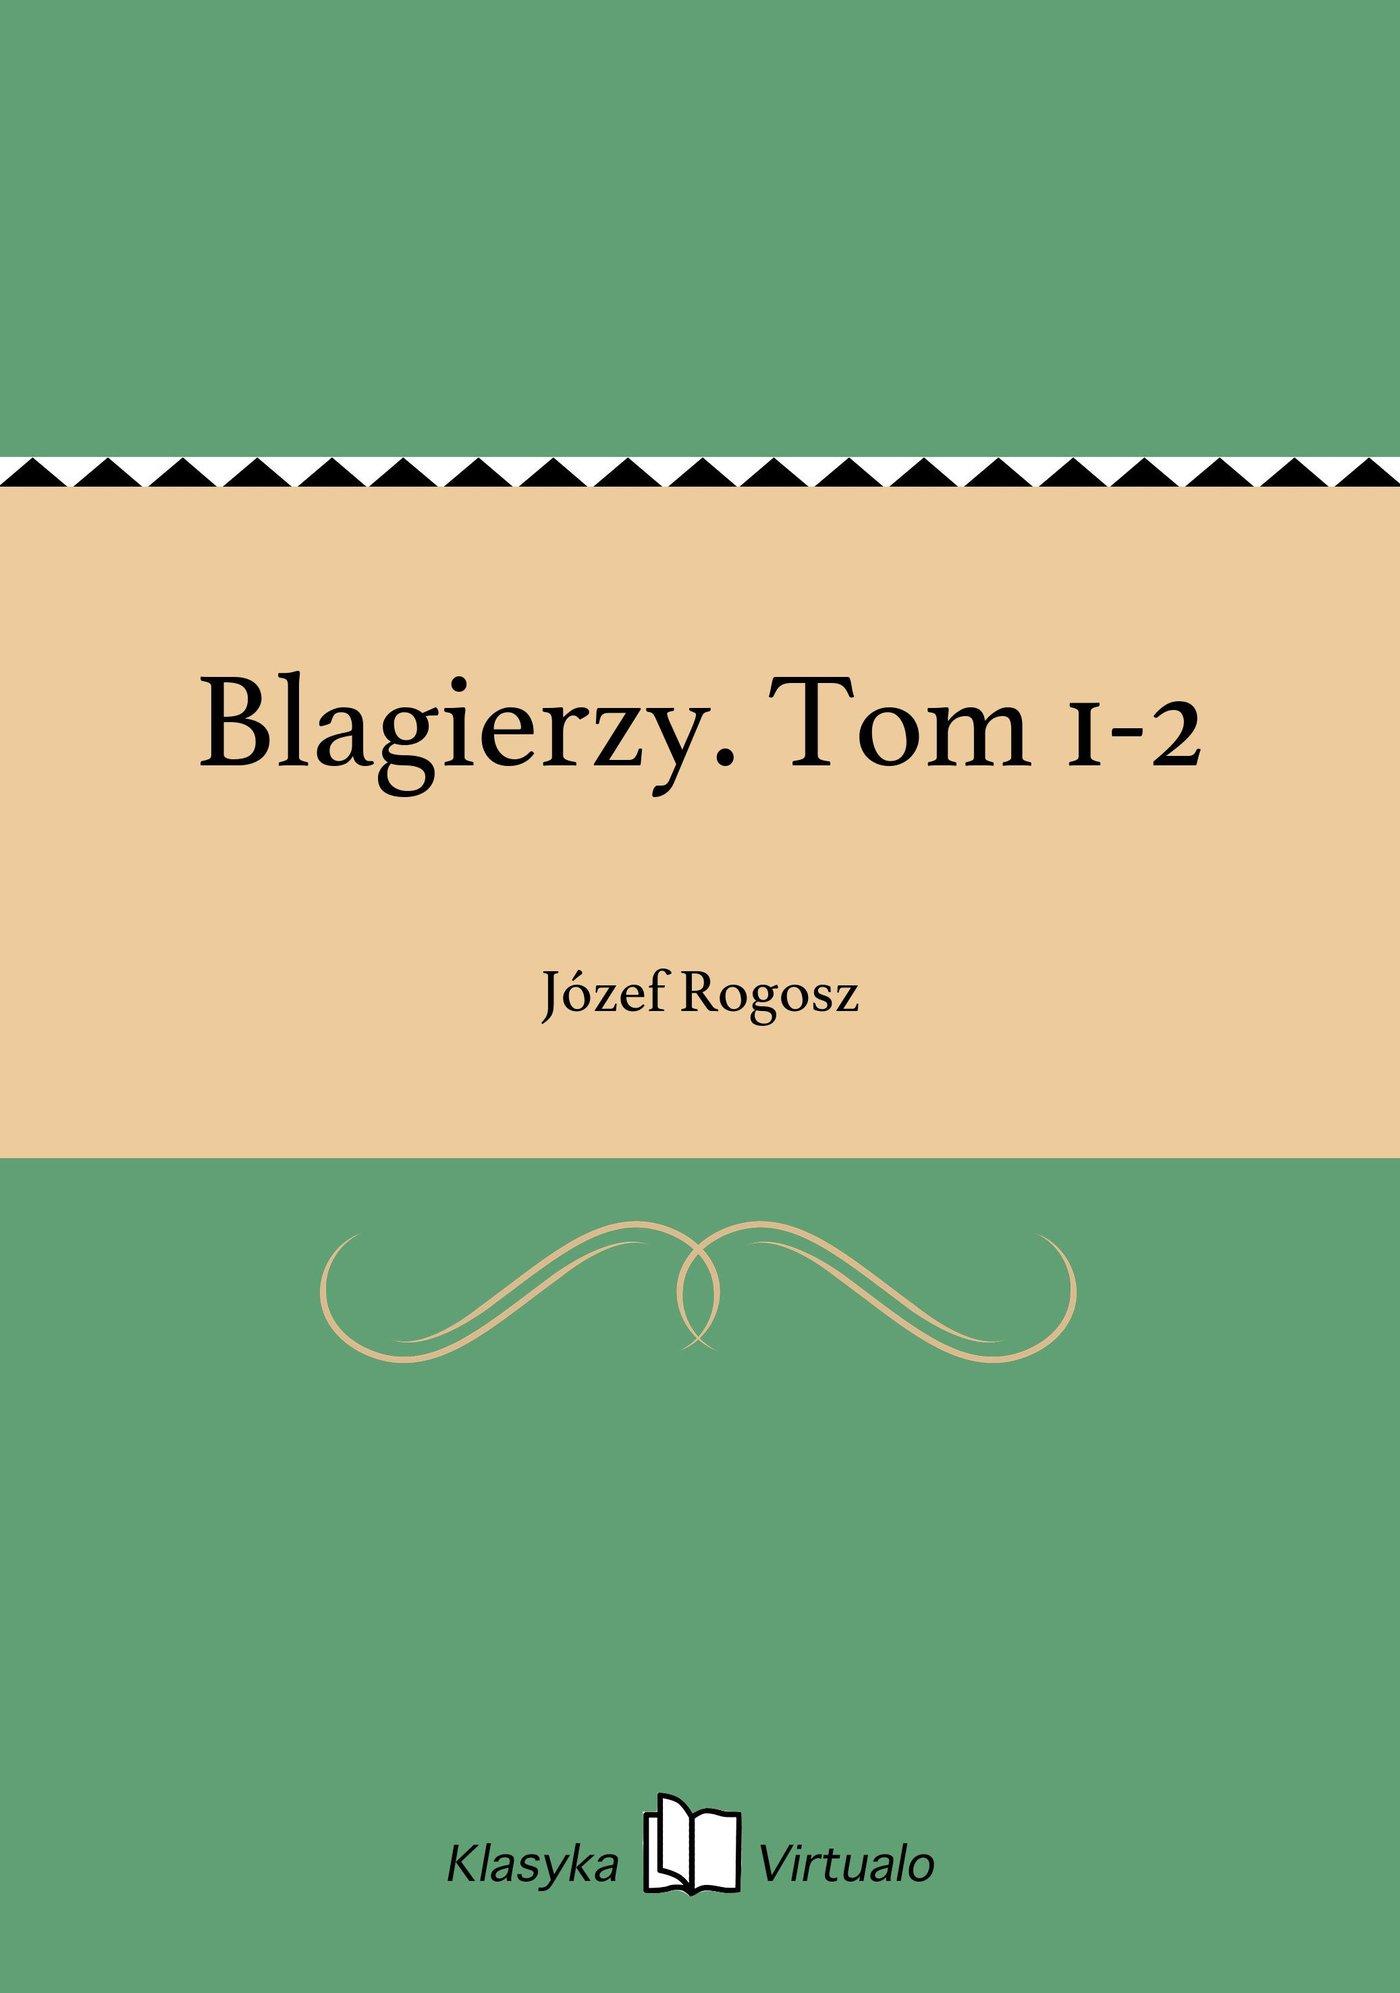 Blagierzy. Tom 1-2 - Ebook (Książka EPUB) do pobrania w formacie EPUB